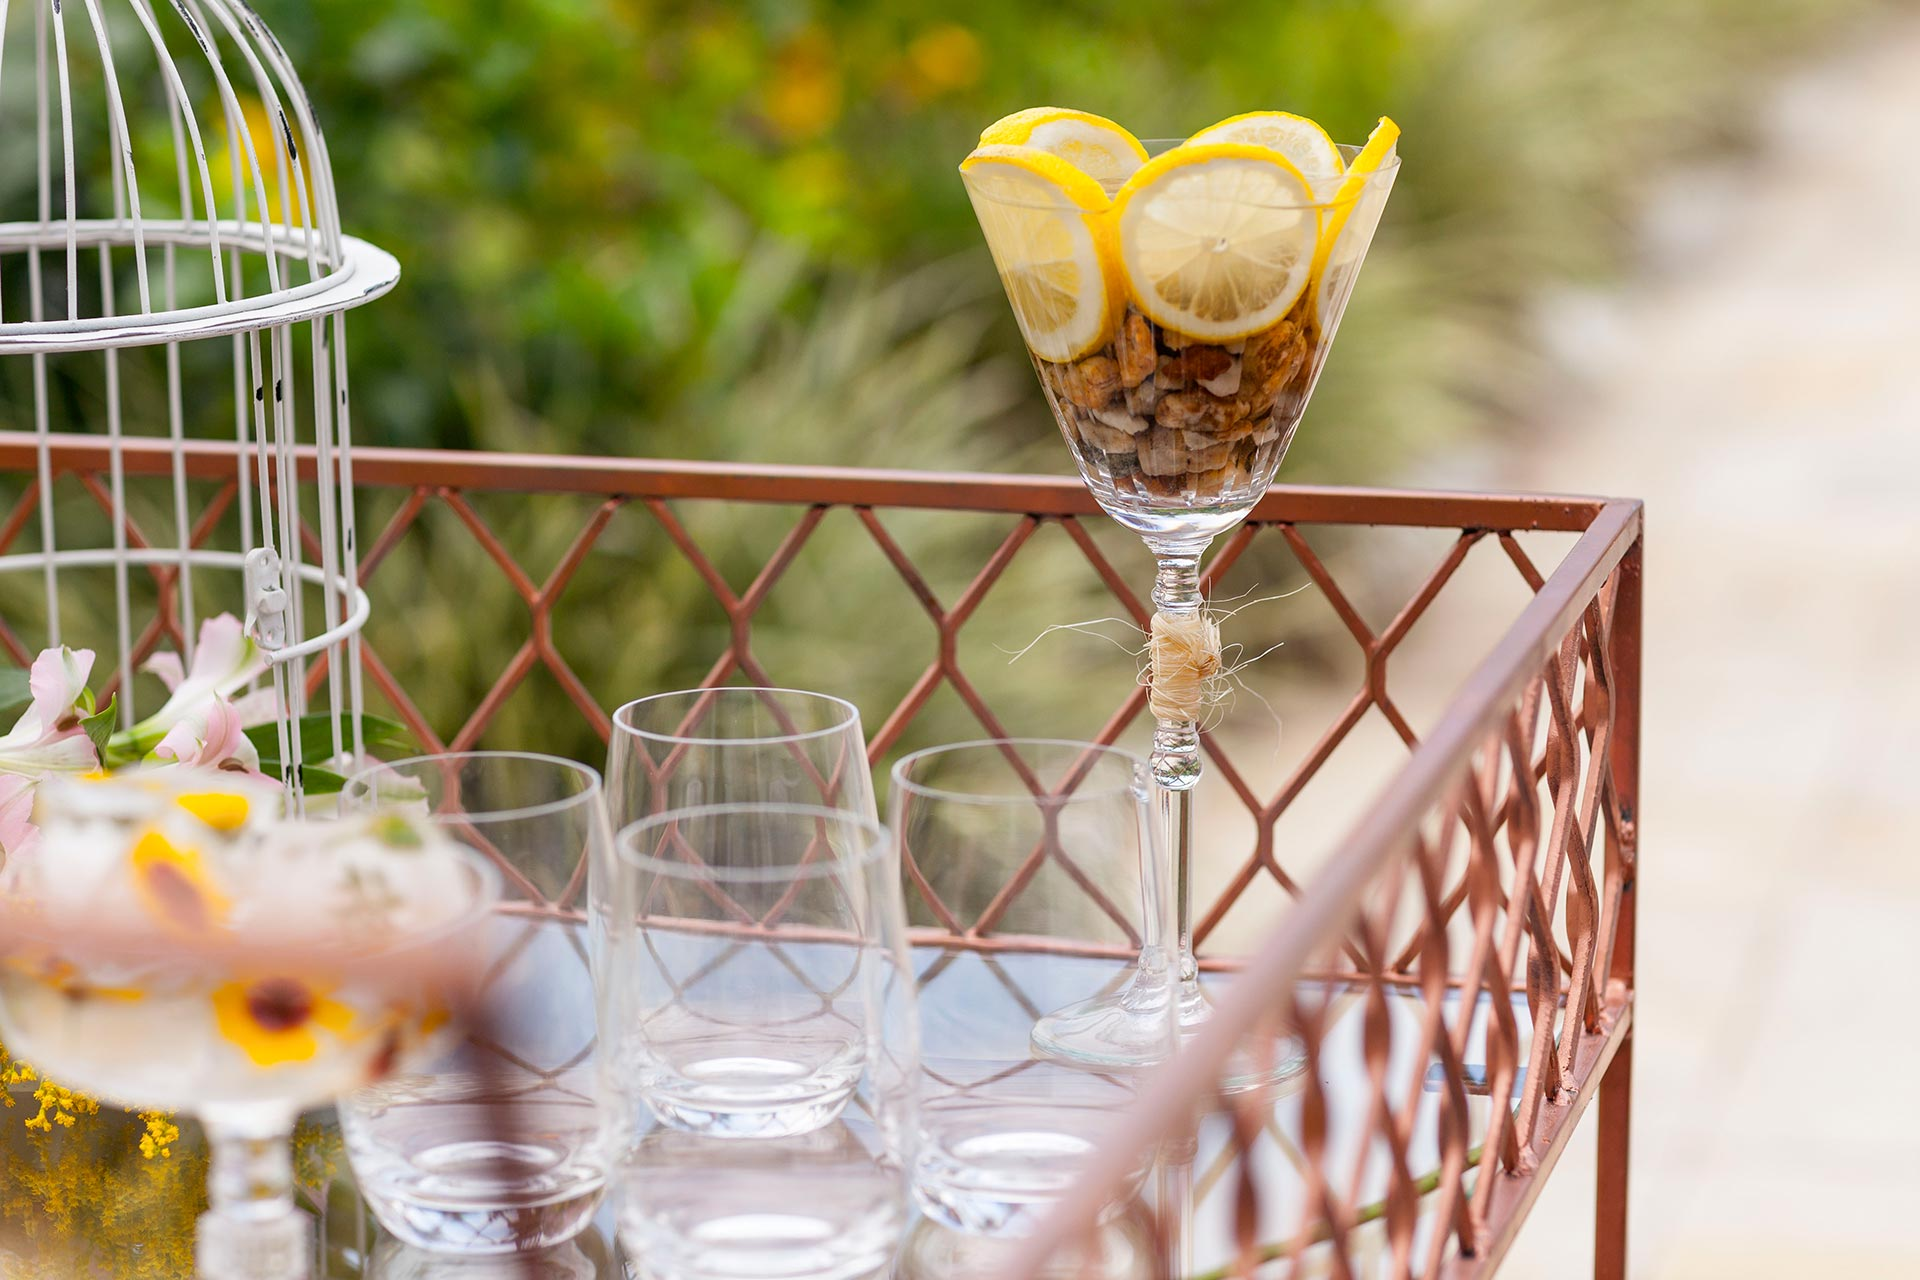 Imagem: A cor cobre em elementos como a mesa de bebidas e os talheres, compõe muito bem com o verde das áreas externas. Foto: Raphael Günther/Bespoke Content.